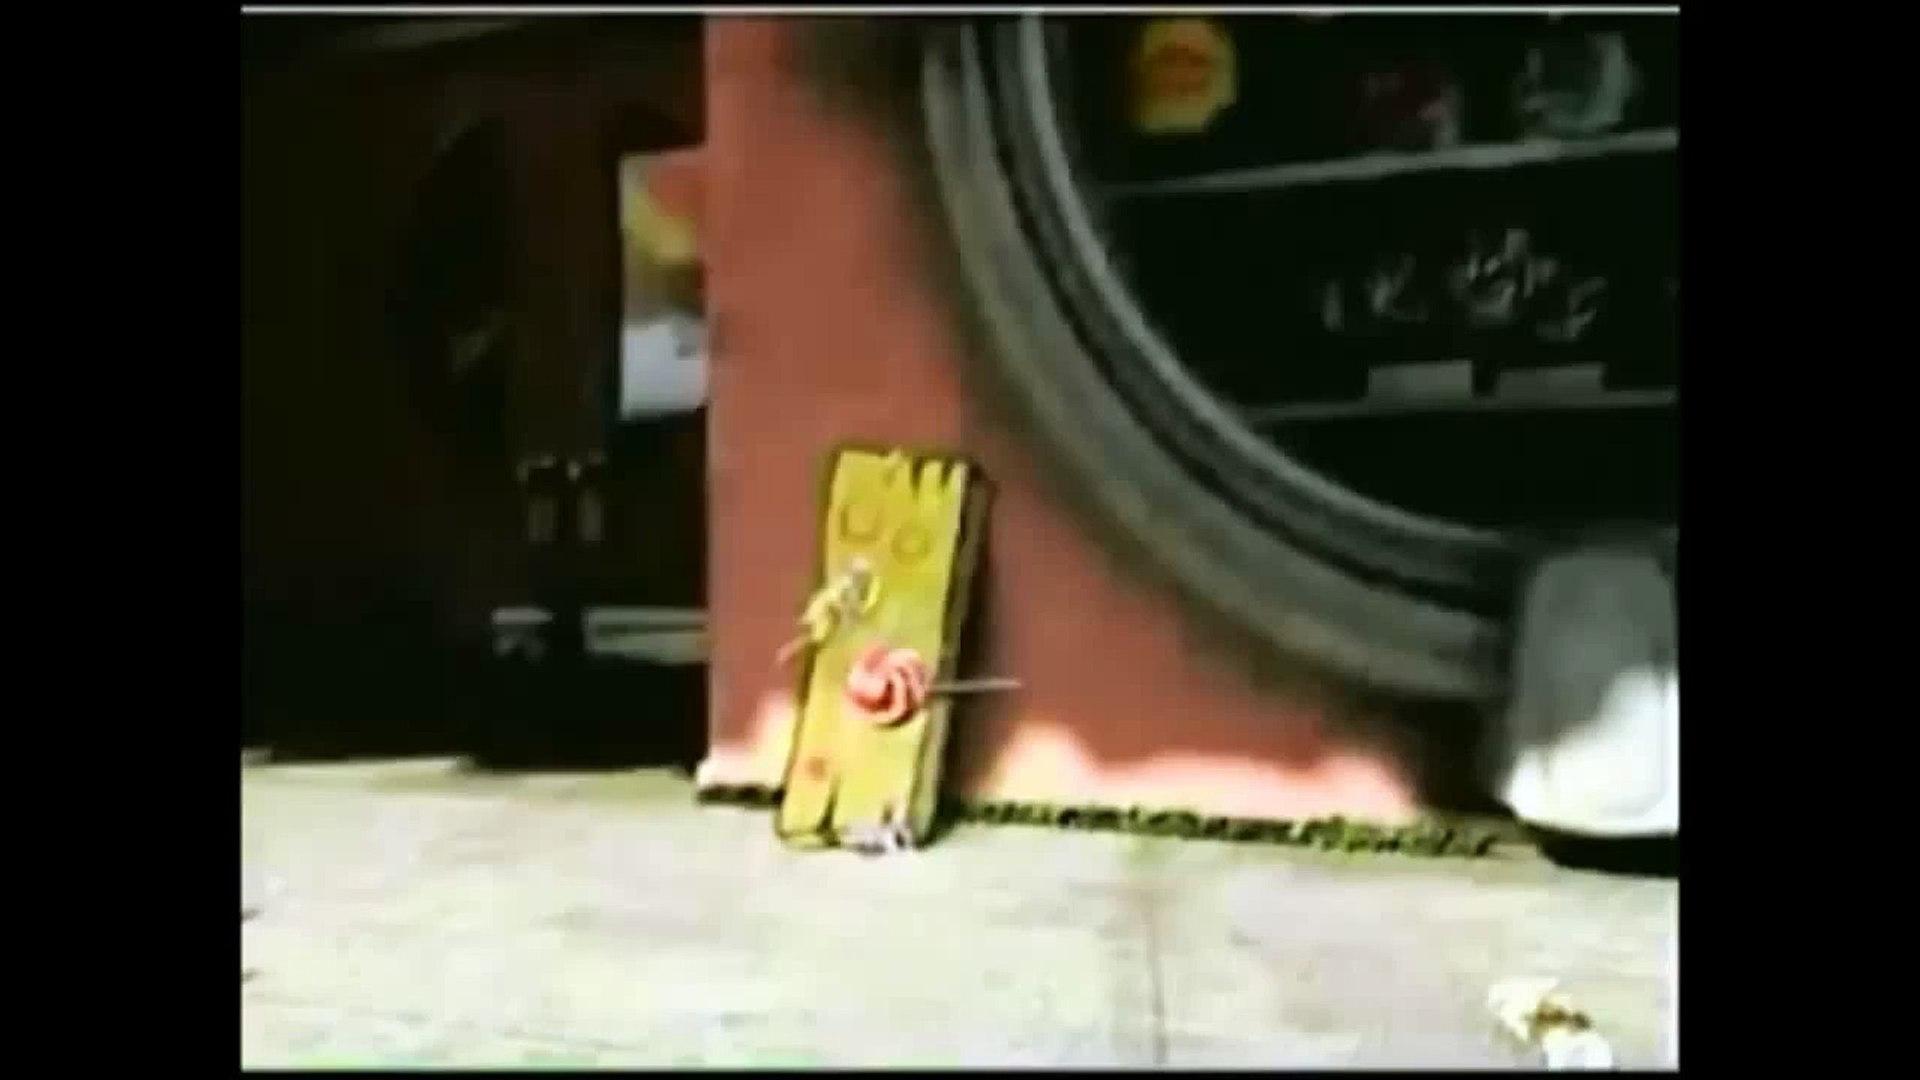 Ed Edd n Eddy Bumper Plank Eating Candy (HD)